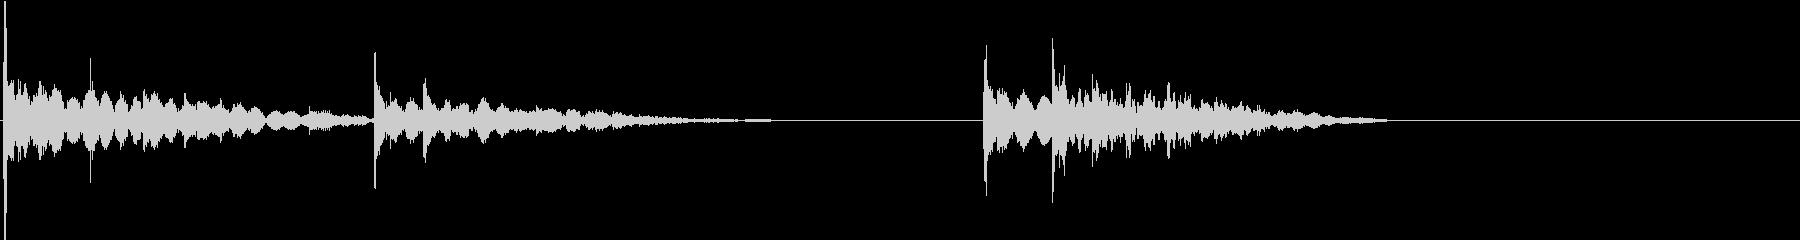 【生録音】ワイングラスの音22 遅延乾杯の未再生の波形